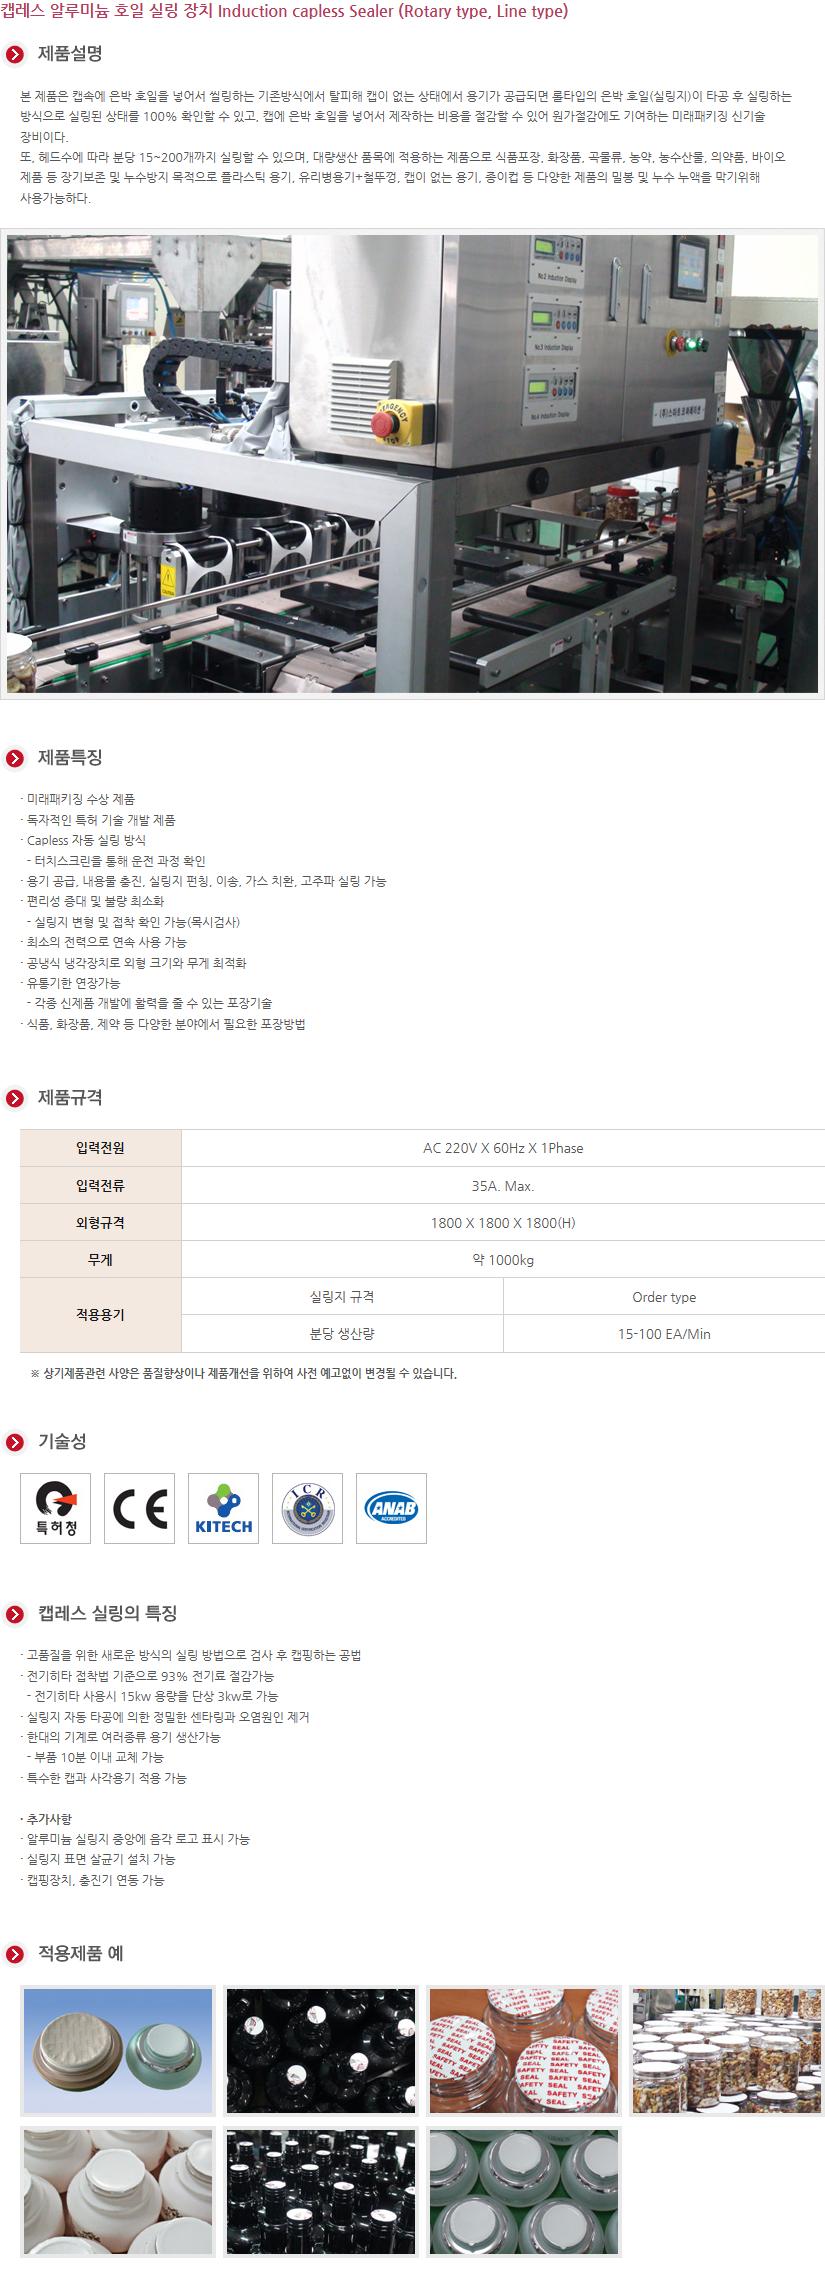 (주)스마트코퍼레이션 캡레스 알루미늄 호일 실링 장치 (Rotary type/Line type) SES-4000L-4 1